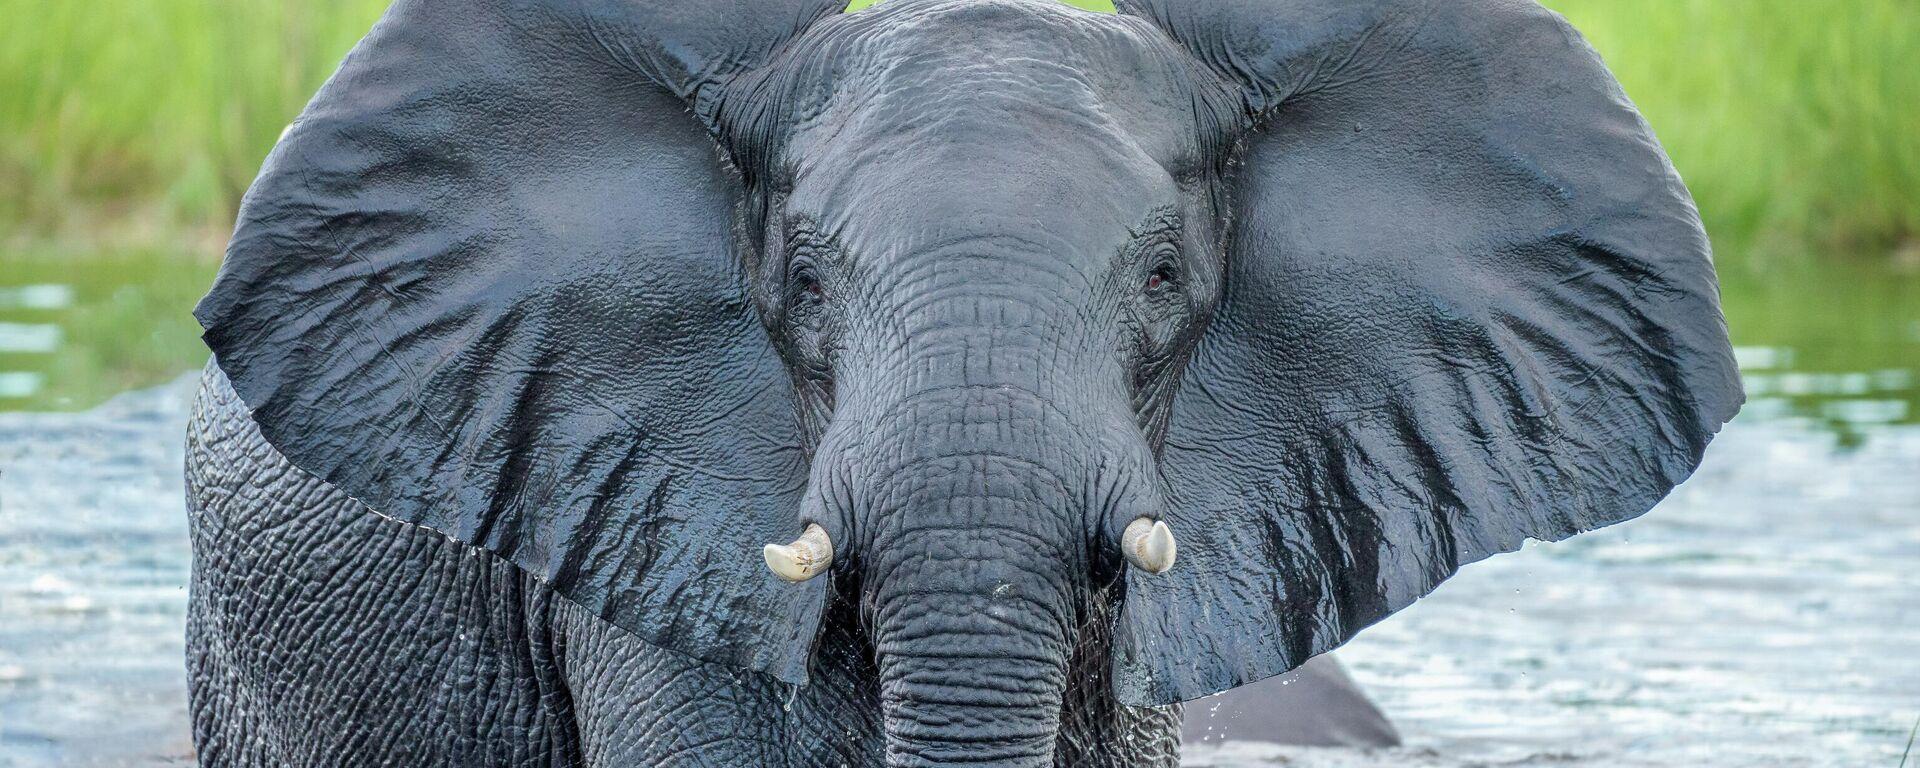 Un elefante - Sputnik Mundo, 1920, 03.06.2021